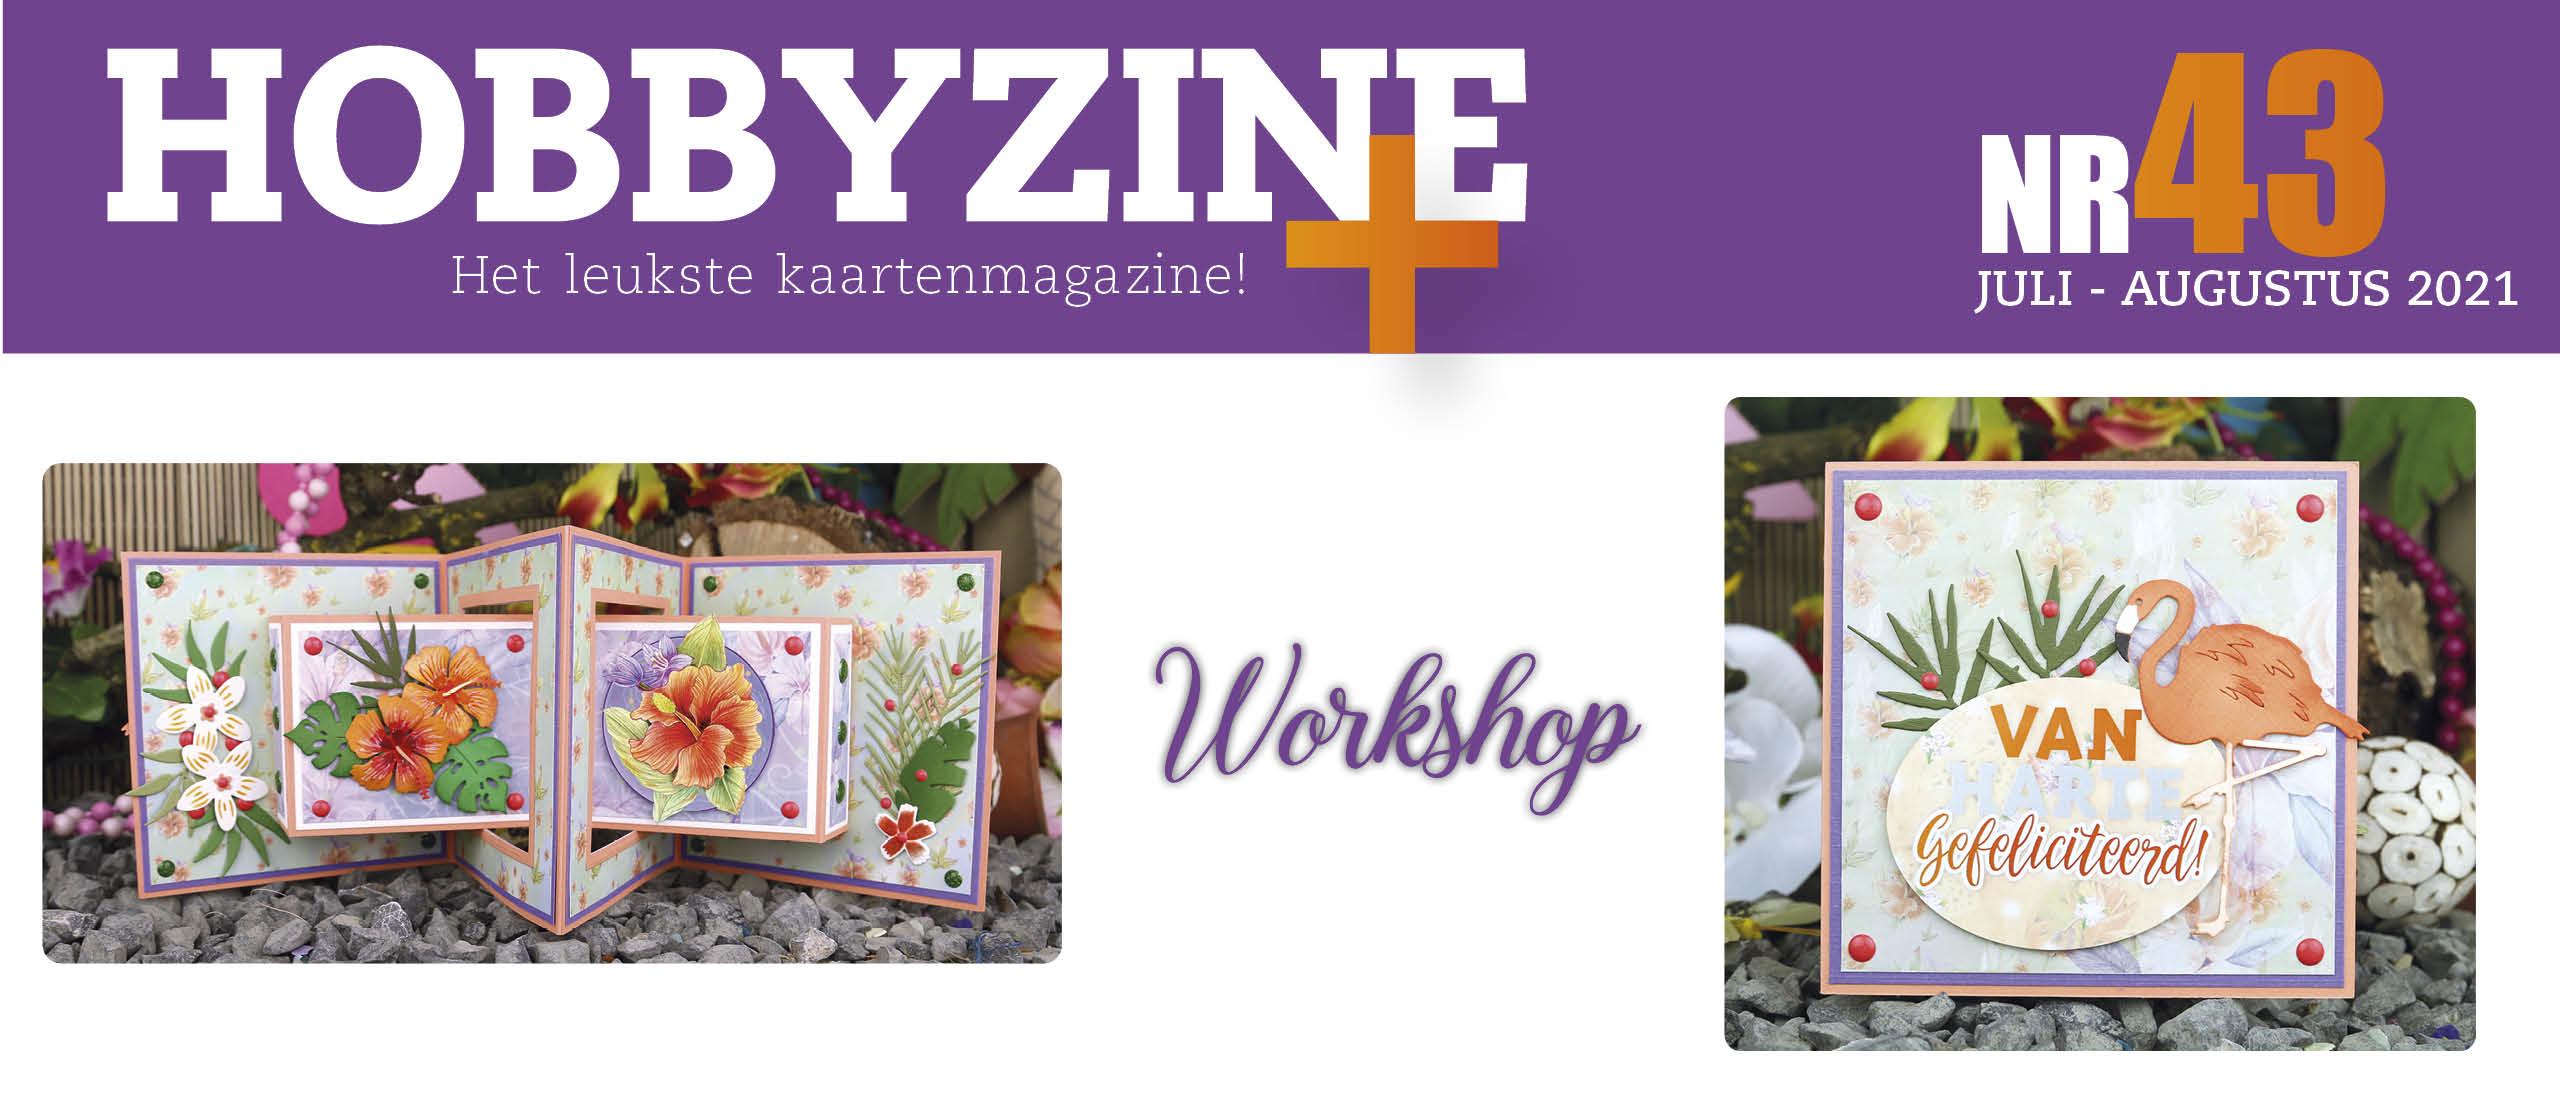 Workshop in Hobbyzine 43